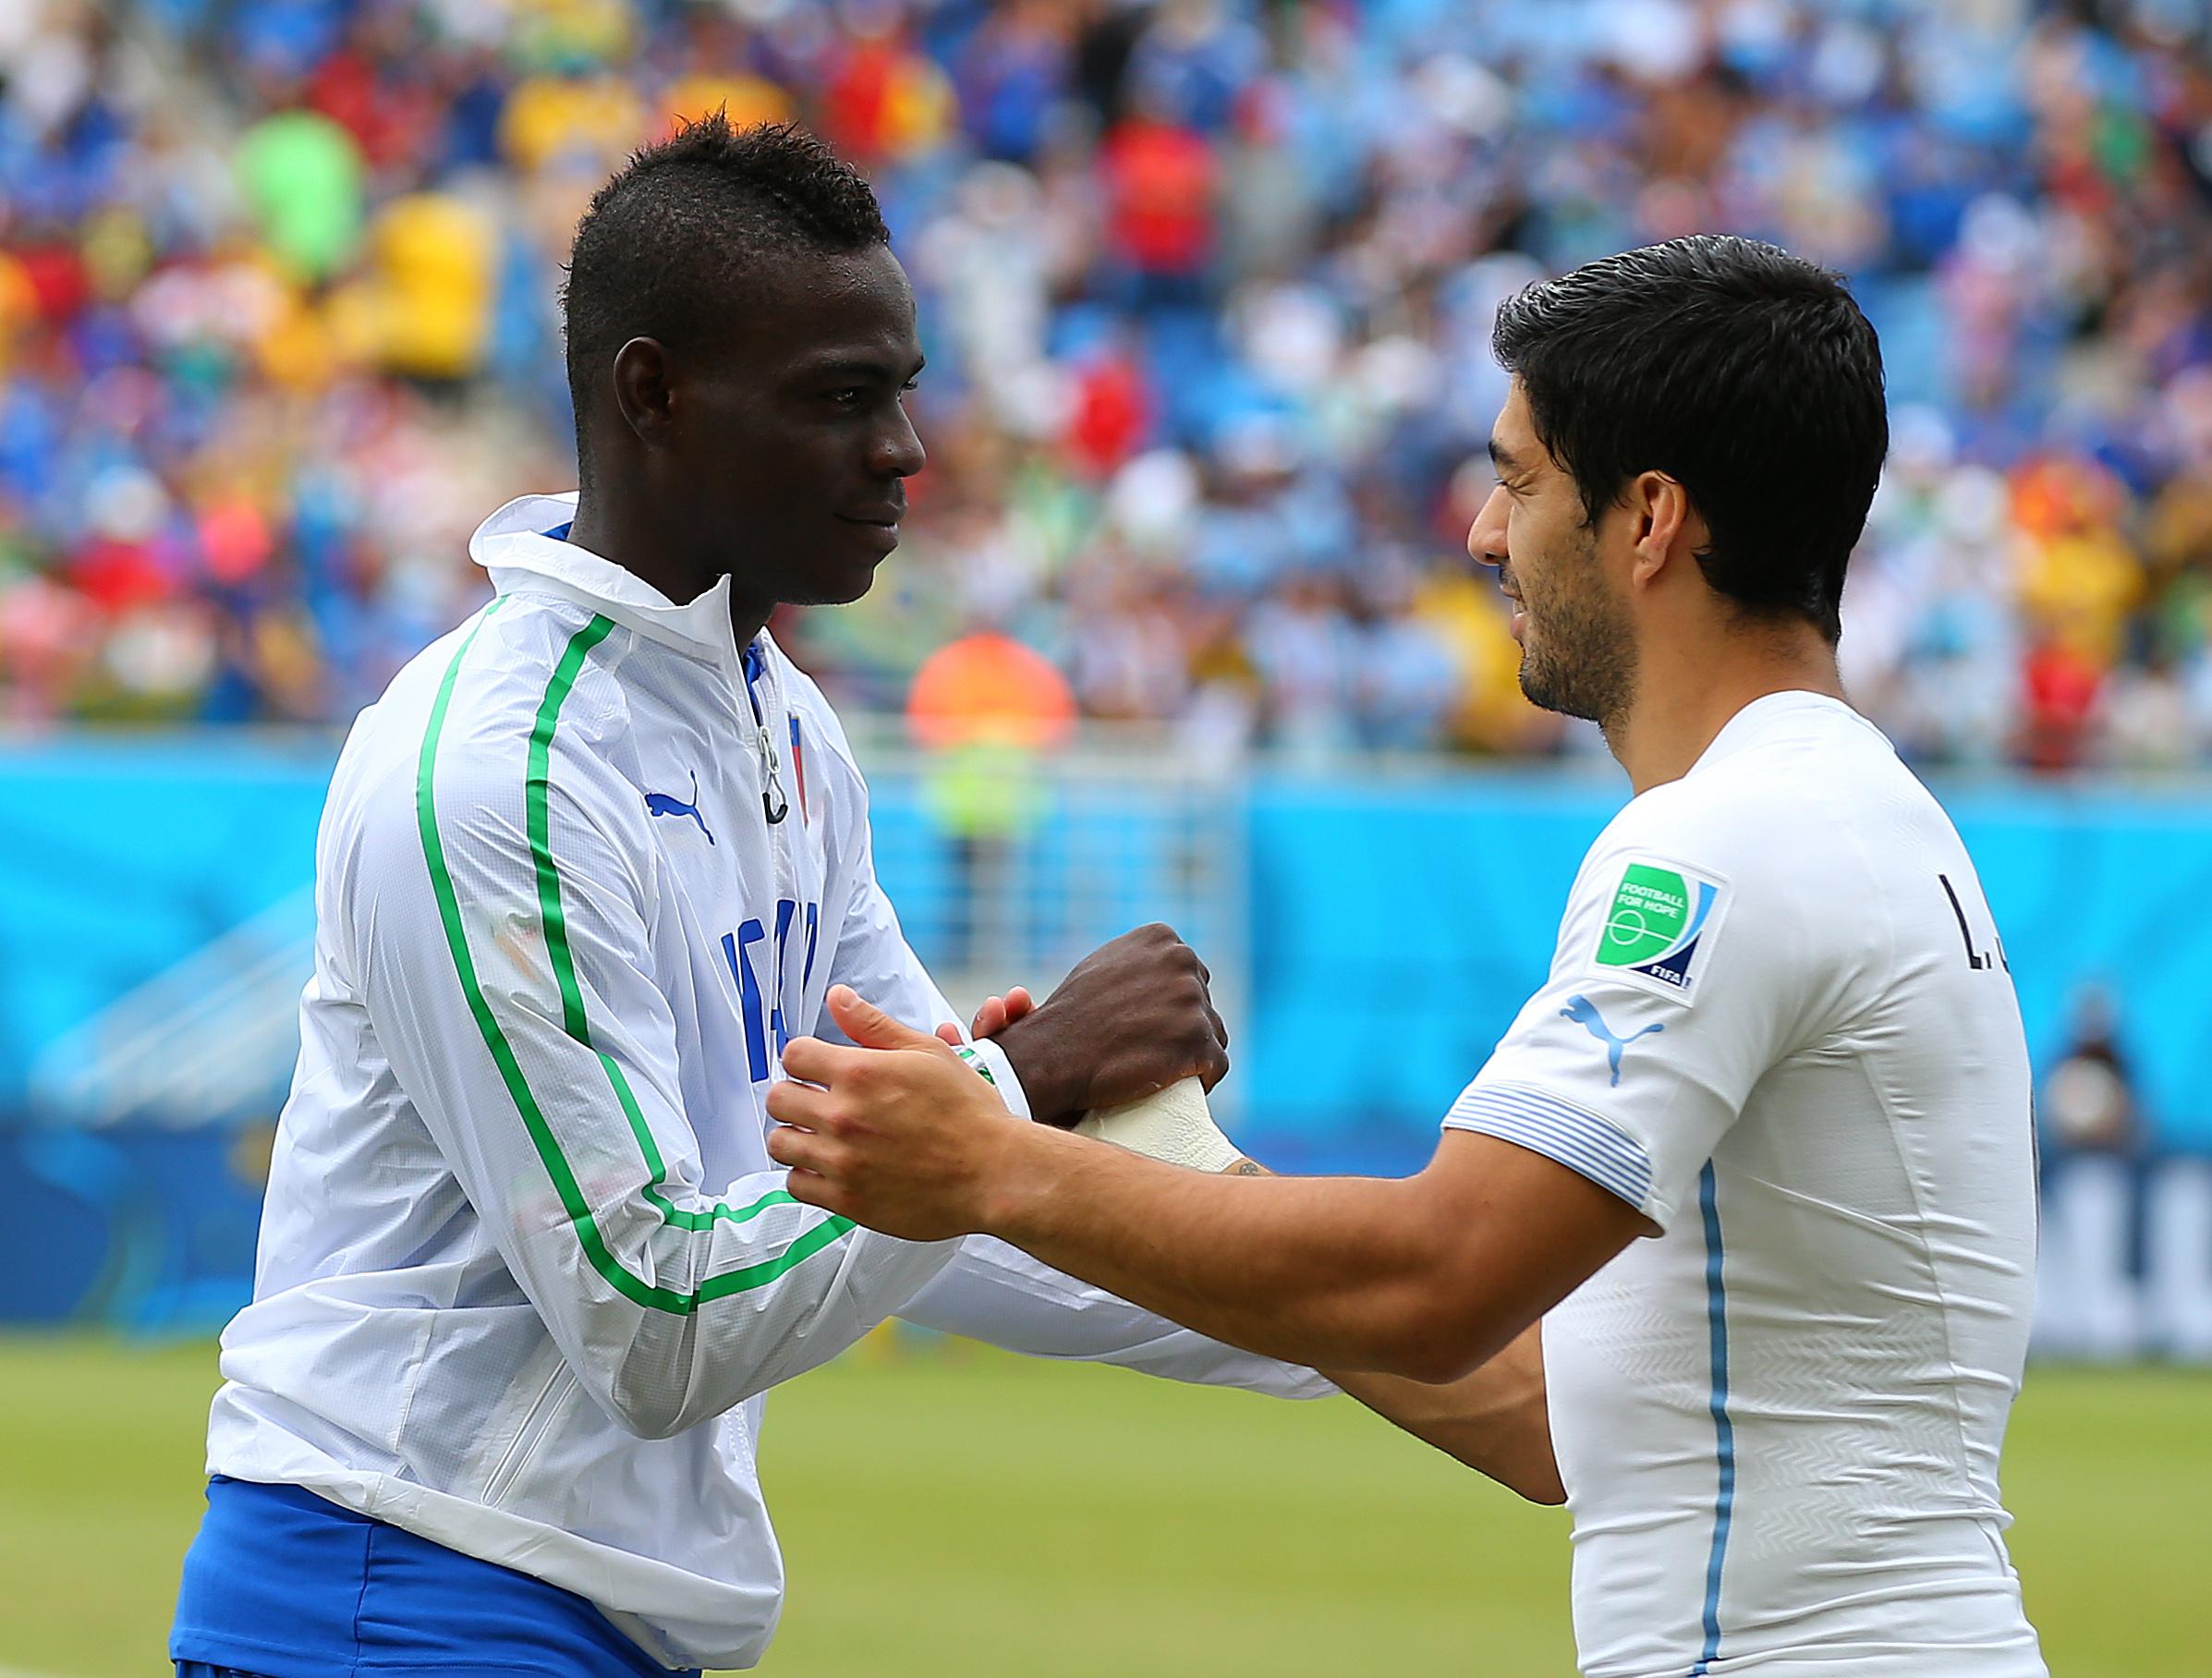 La coupe du monde 2014 en images jour 13 football - Jeux de football coupe du monde 2014 ...